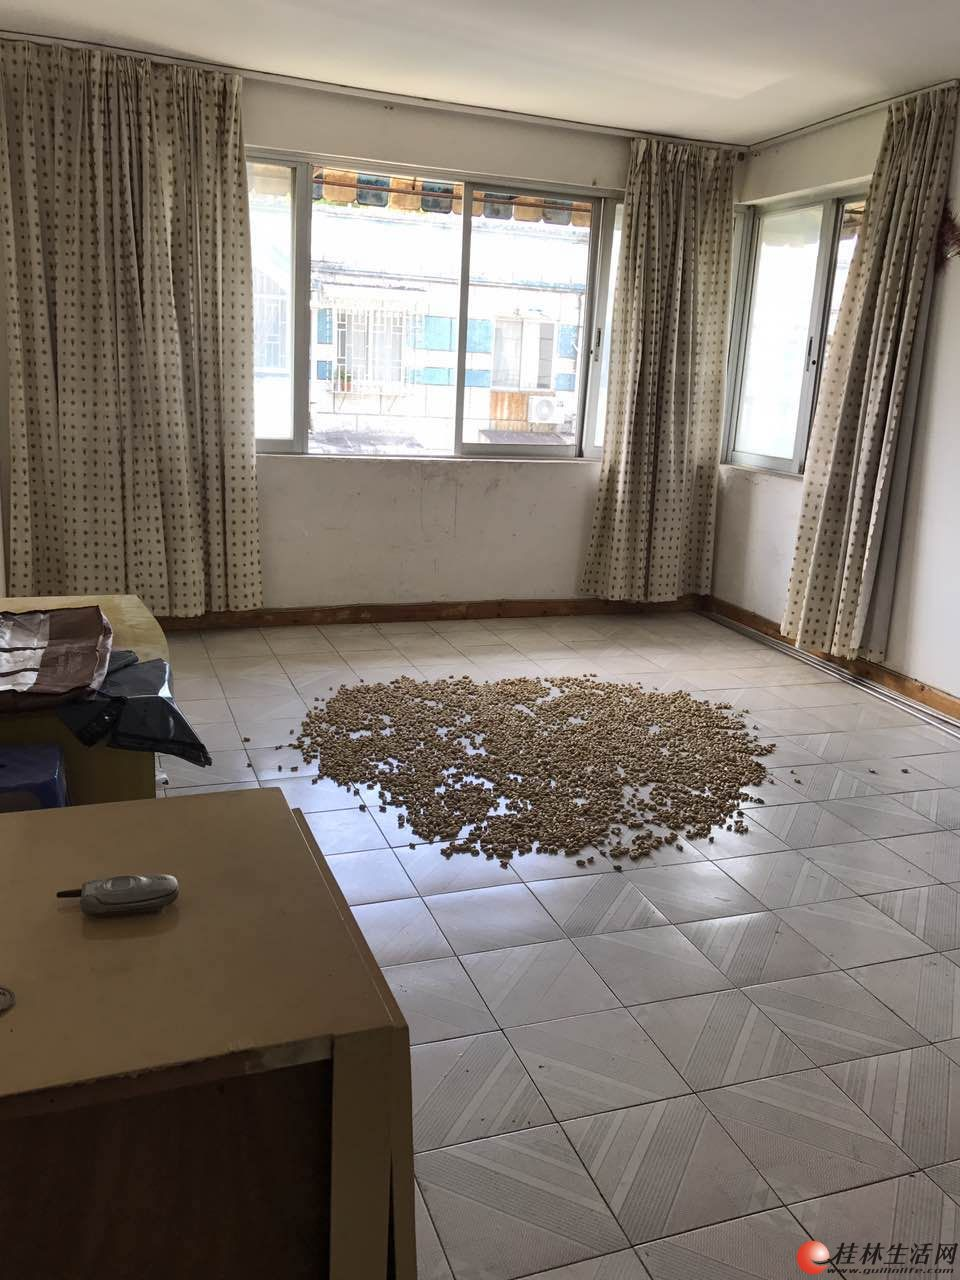 三里店【奇峰小筑】3室2厅2卫 110平买一层送一层 45万有钥匙